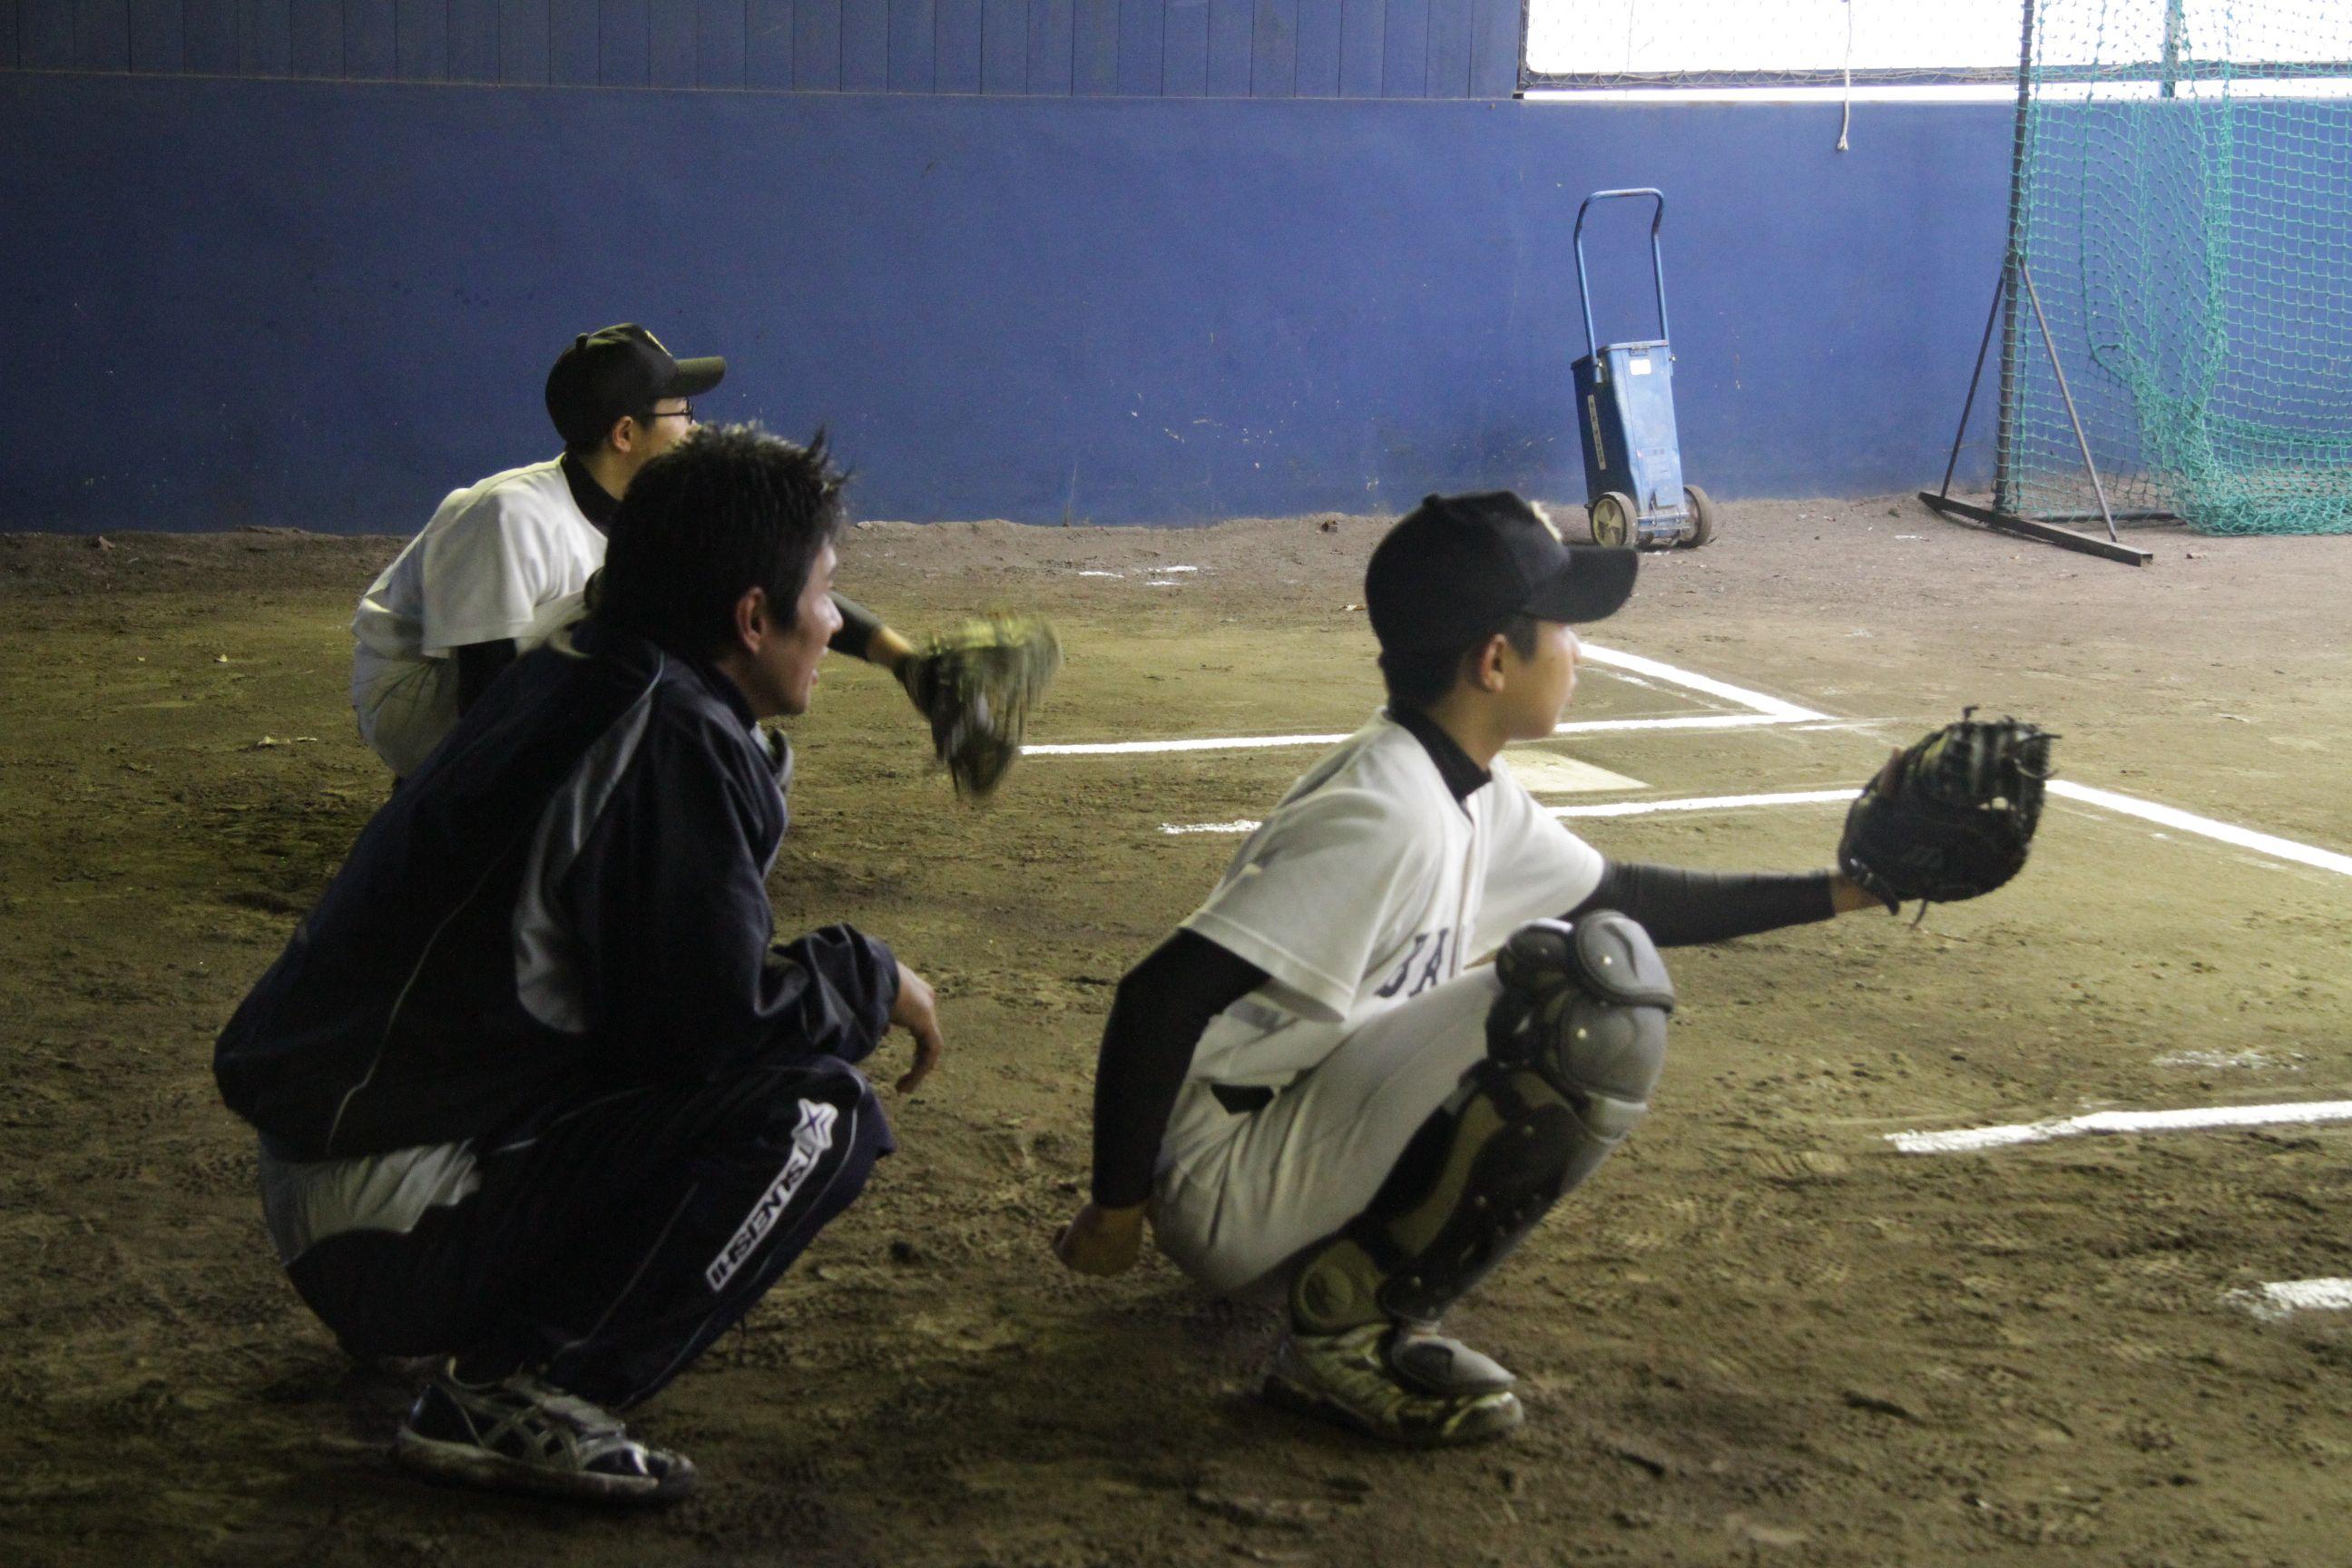 ツネイシ硬式野球部員による野球教室(キャッチャーへの指導)